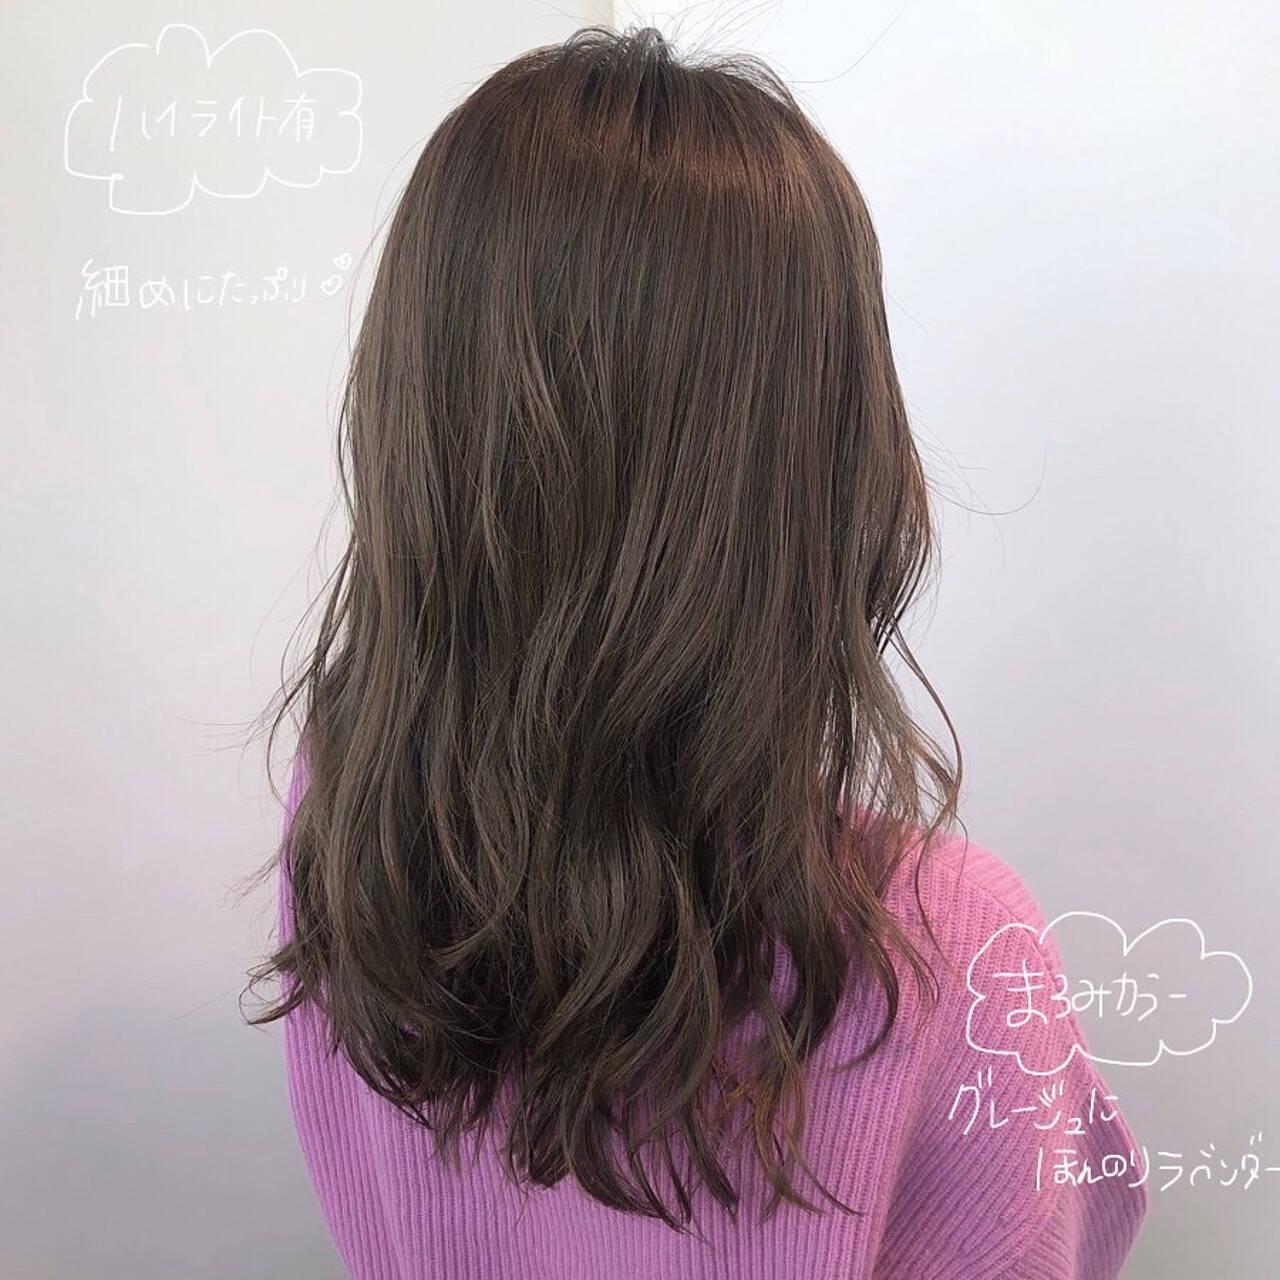 大人ハイライト イルミナカラー ナチュラル 透明感カラーヘアスタイルや髪型の写真・画像